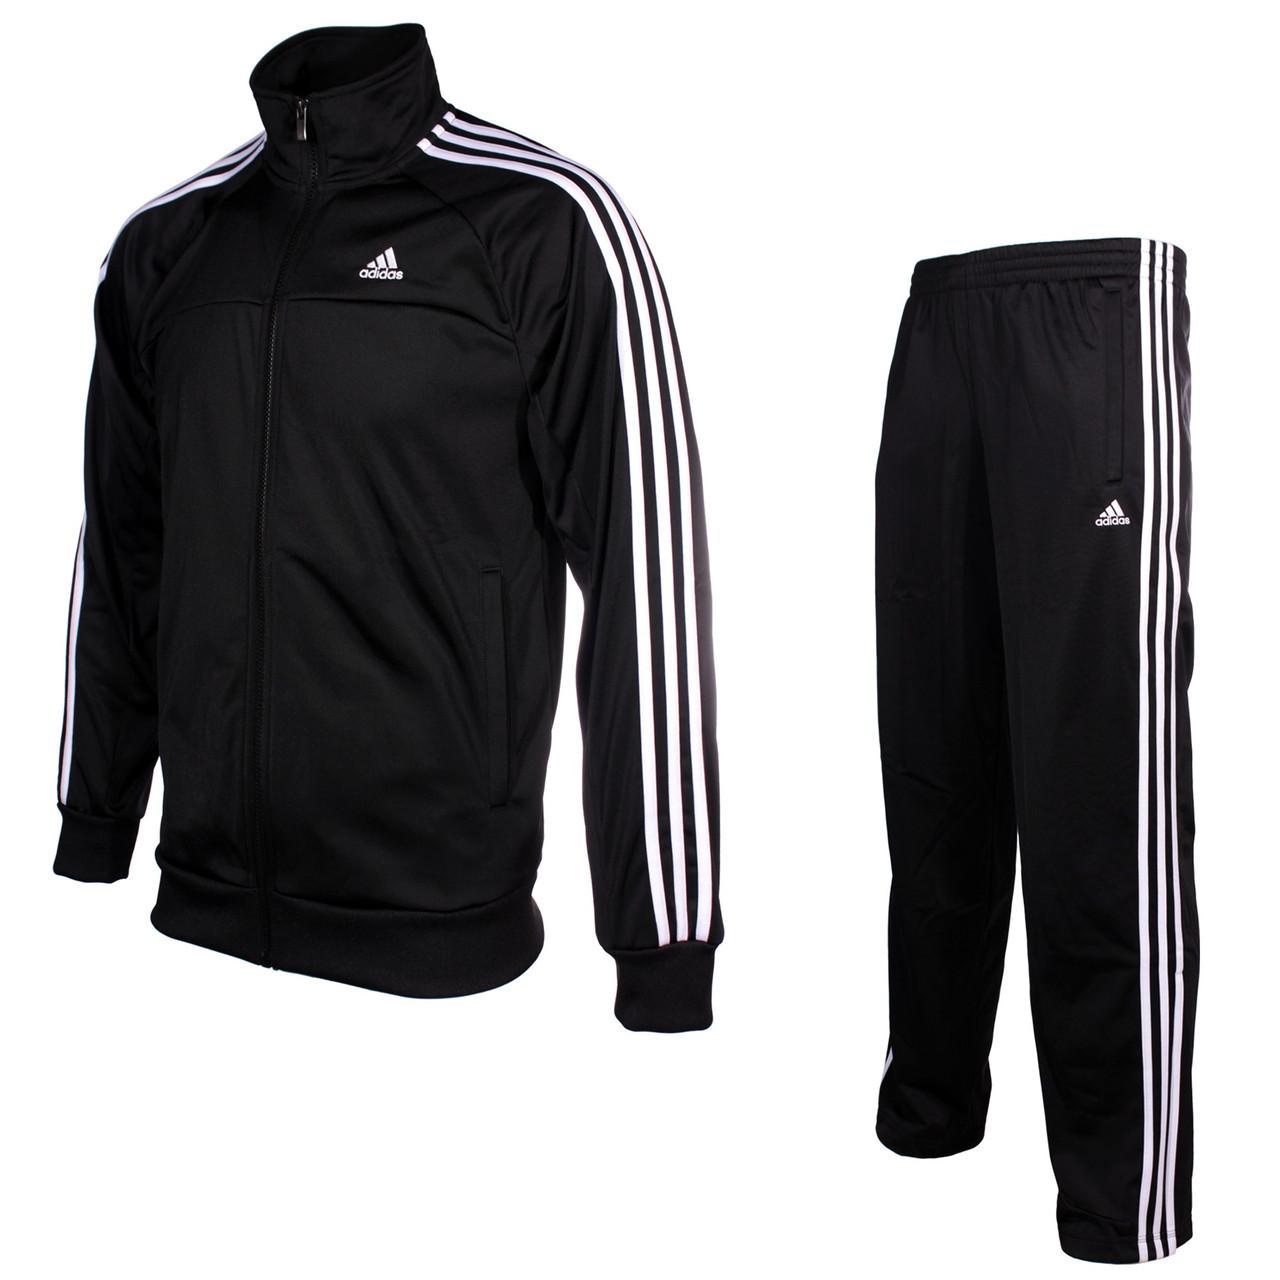 d55c843a60feb Костюм спортивный, мужской Adidas Essentials 3-Stripes Tracksuit Men X12408  адидас